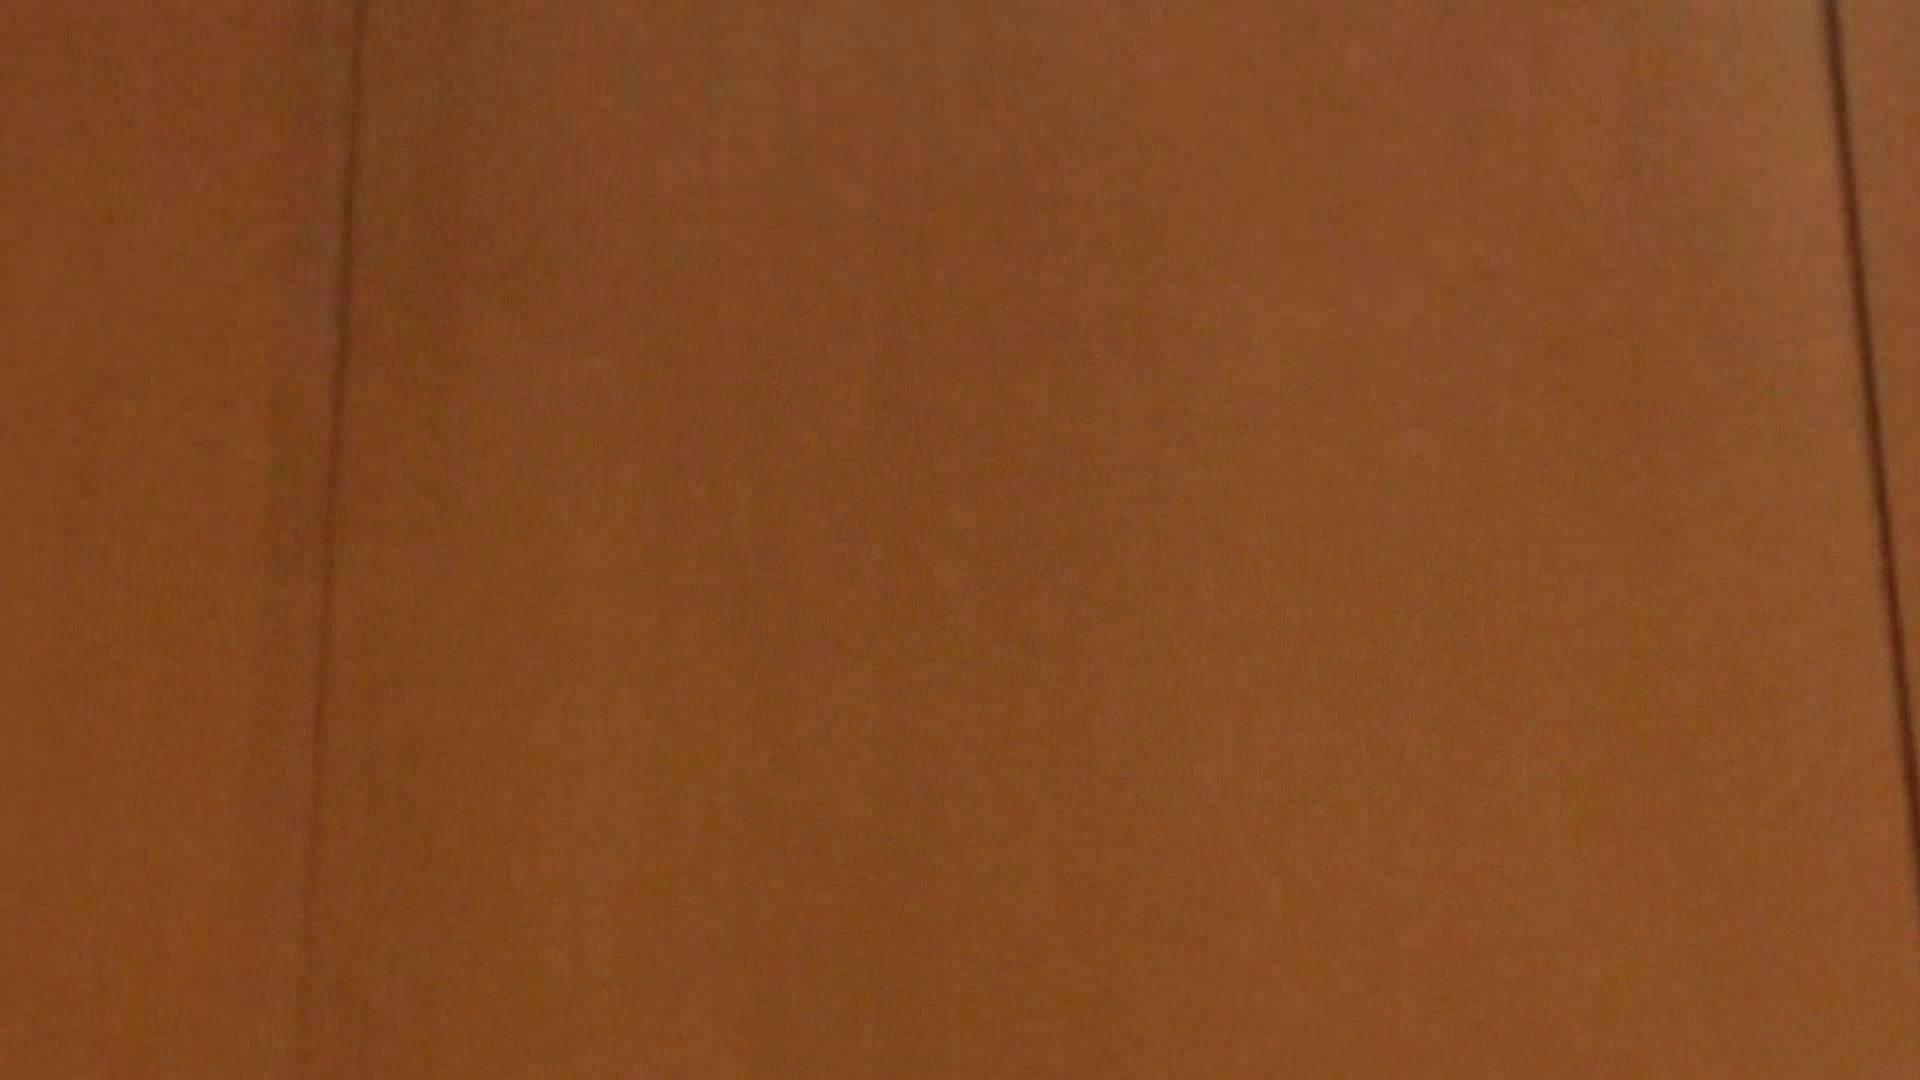 「噂」の国の厠観察日記2 Vol.01 厠  60枚 42